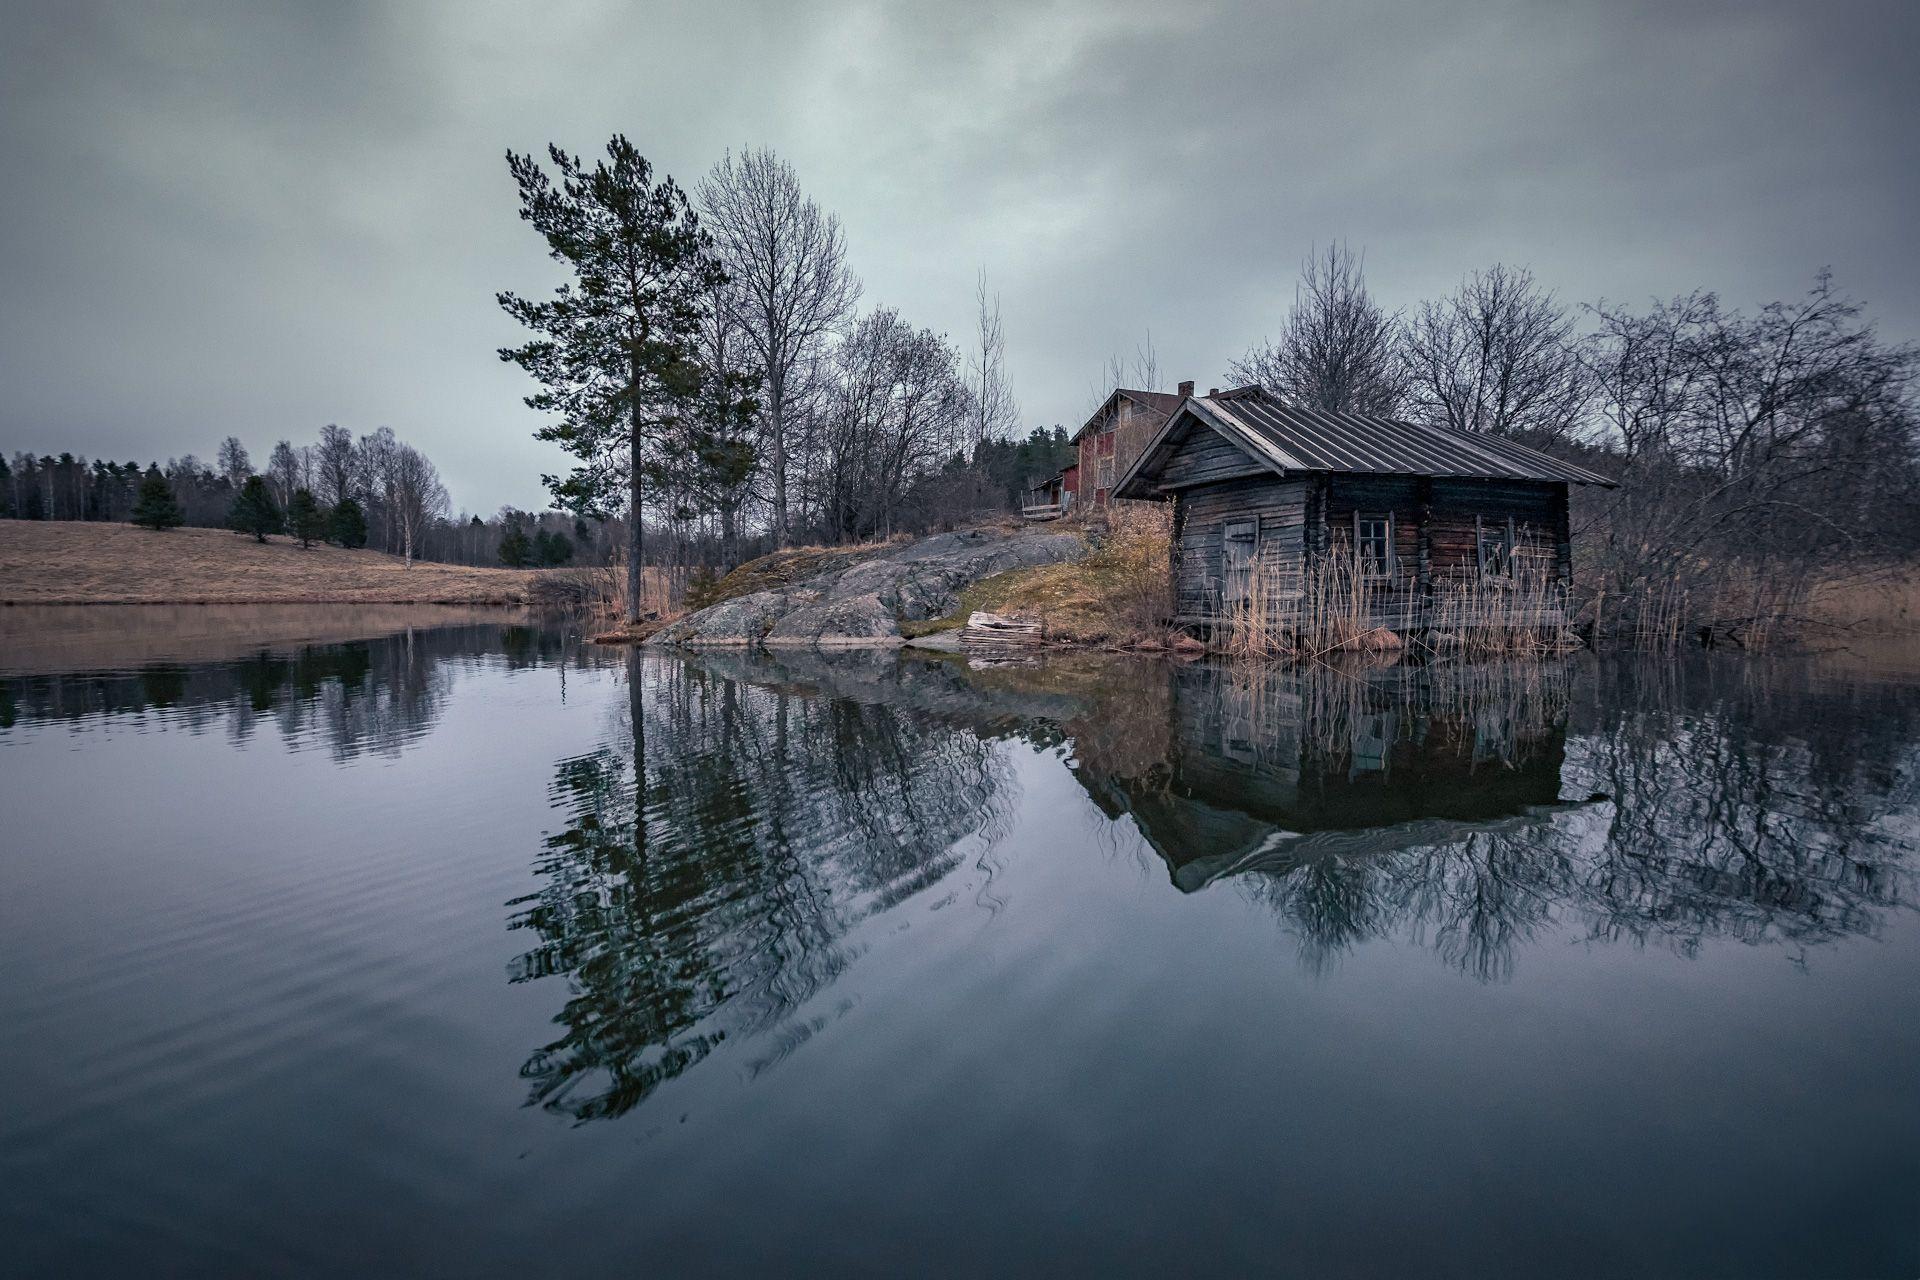 карелия, озеро, дом, баня, отшельник, деревня, скала, сосна, лес, облака, пейзаж, природа, Чиж Андрей